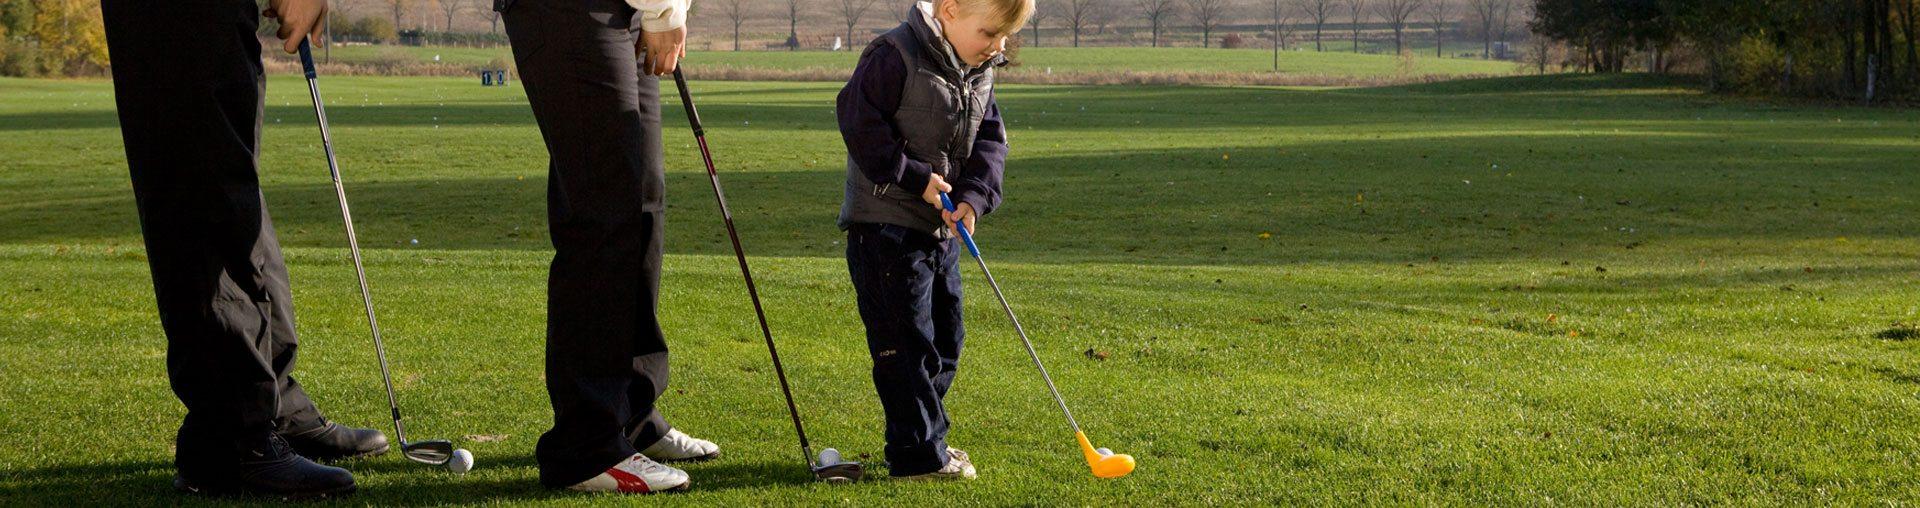 Bild zu Pro, Golfschule & Specials